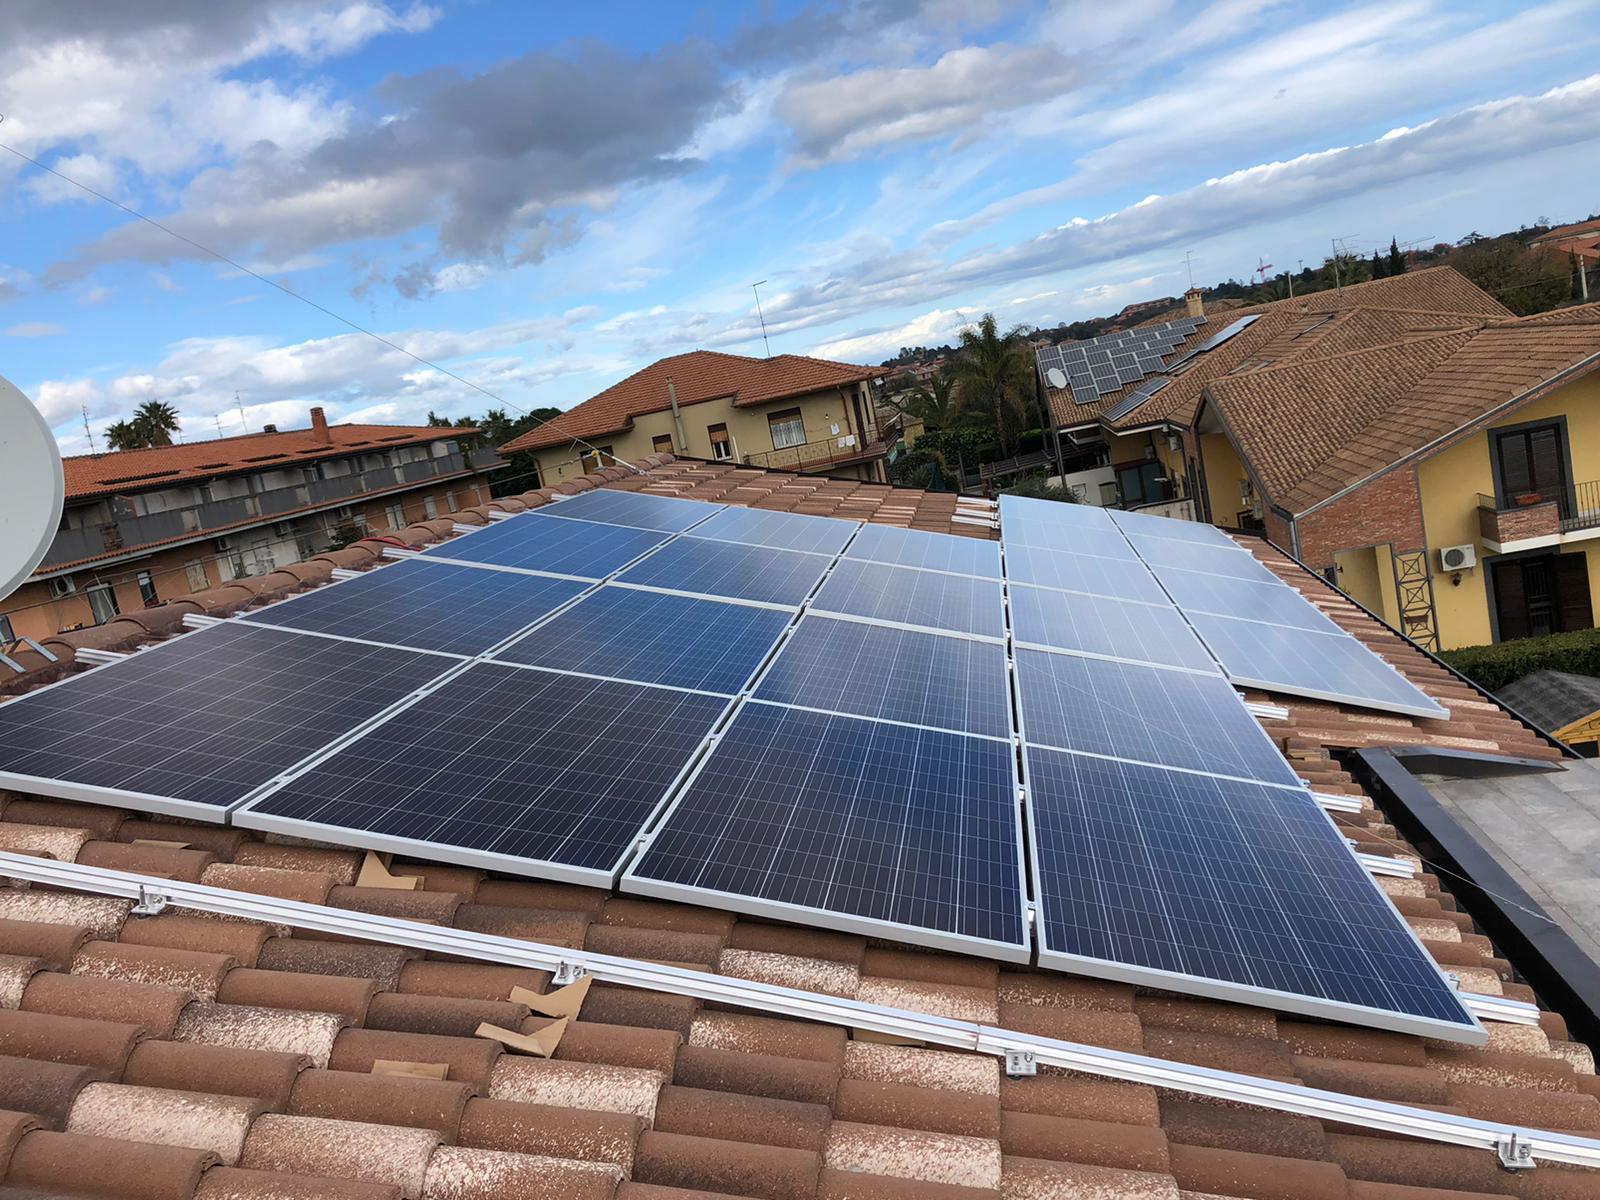 installazione quasi completo fotovoltaico